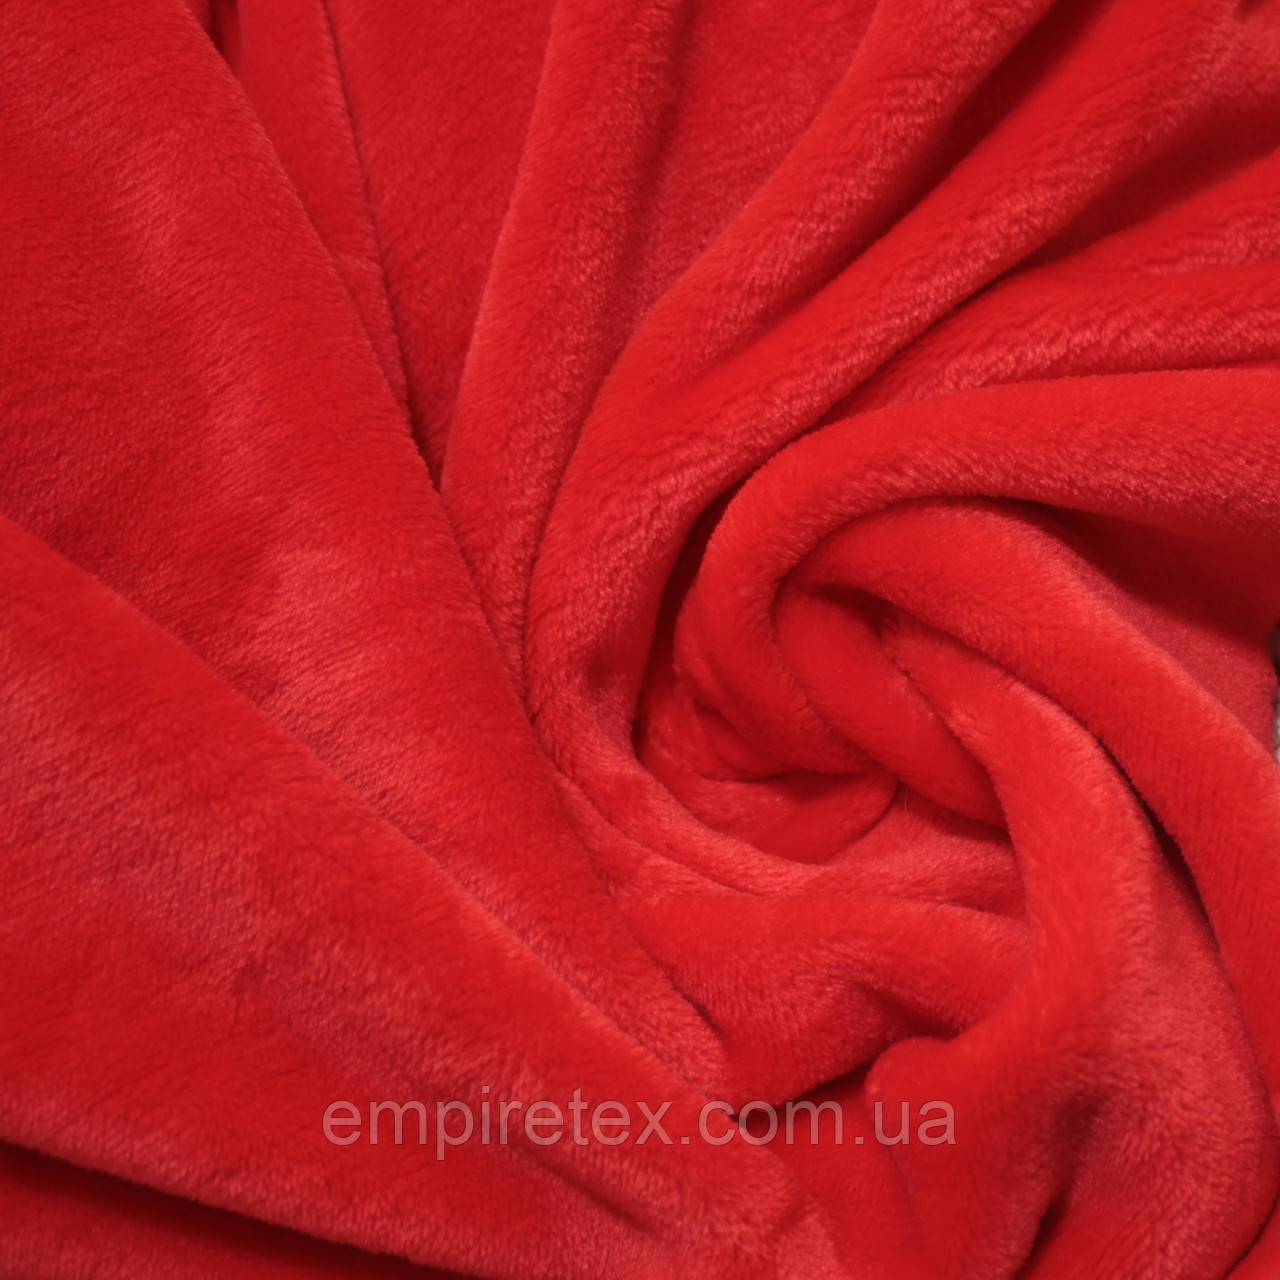 Махра (Велсофт) Красный